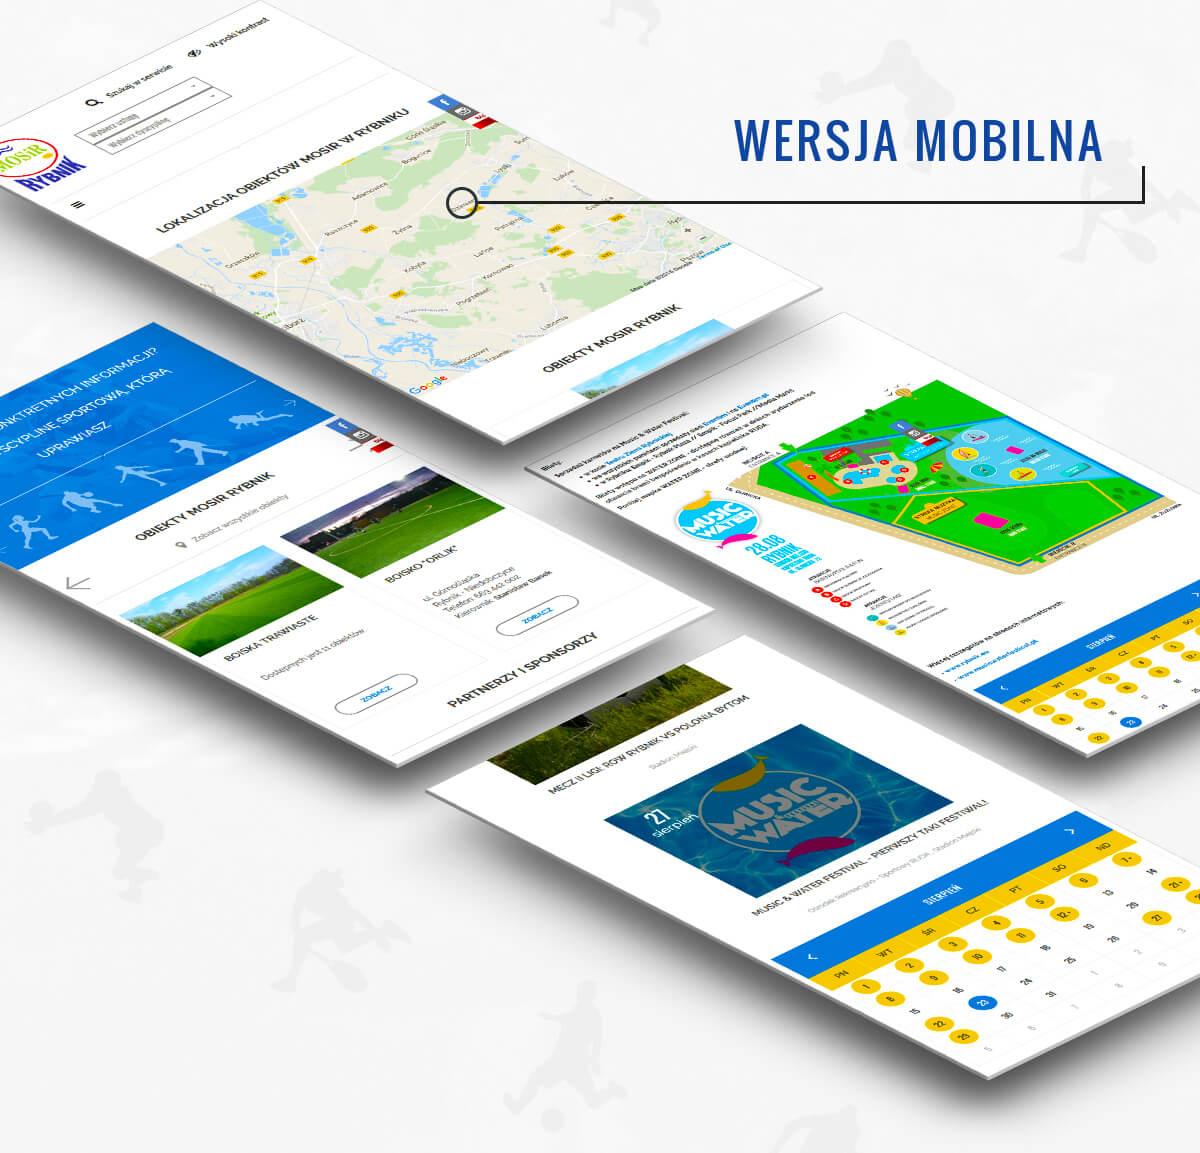 Mobilna wersja strony internetowej mosir.rybnik.pl